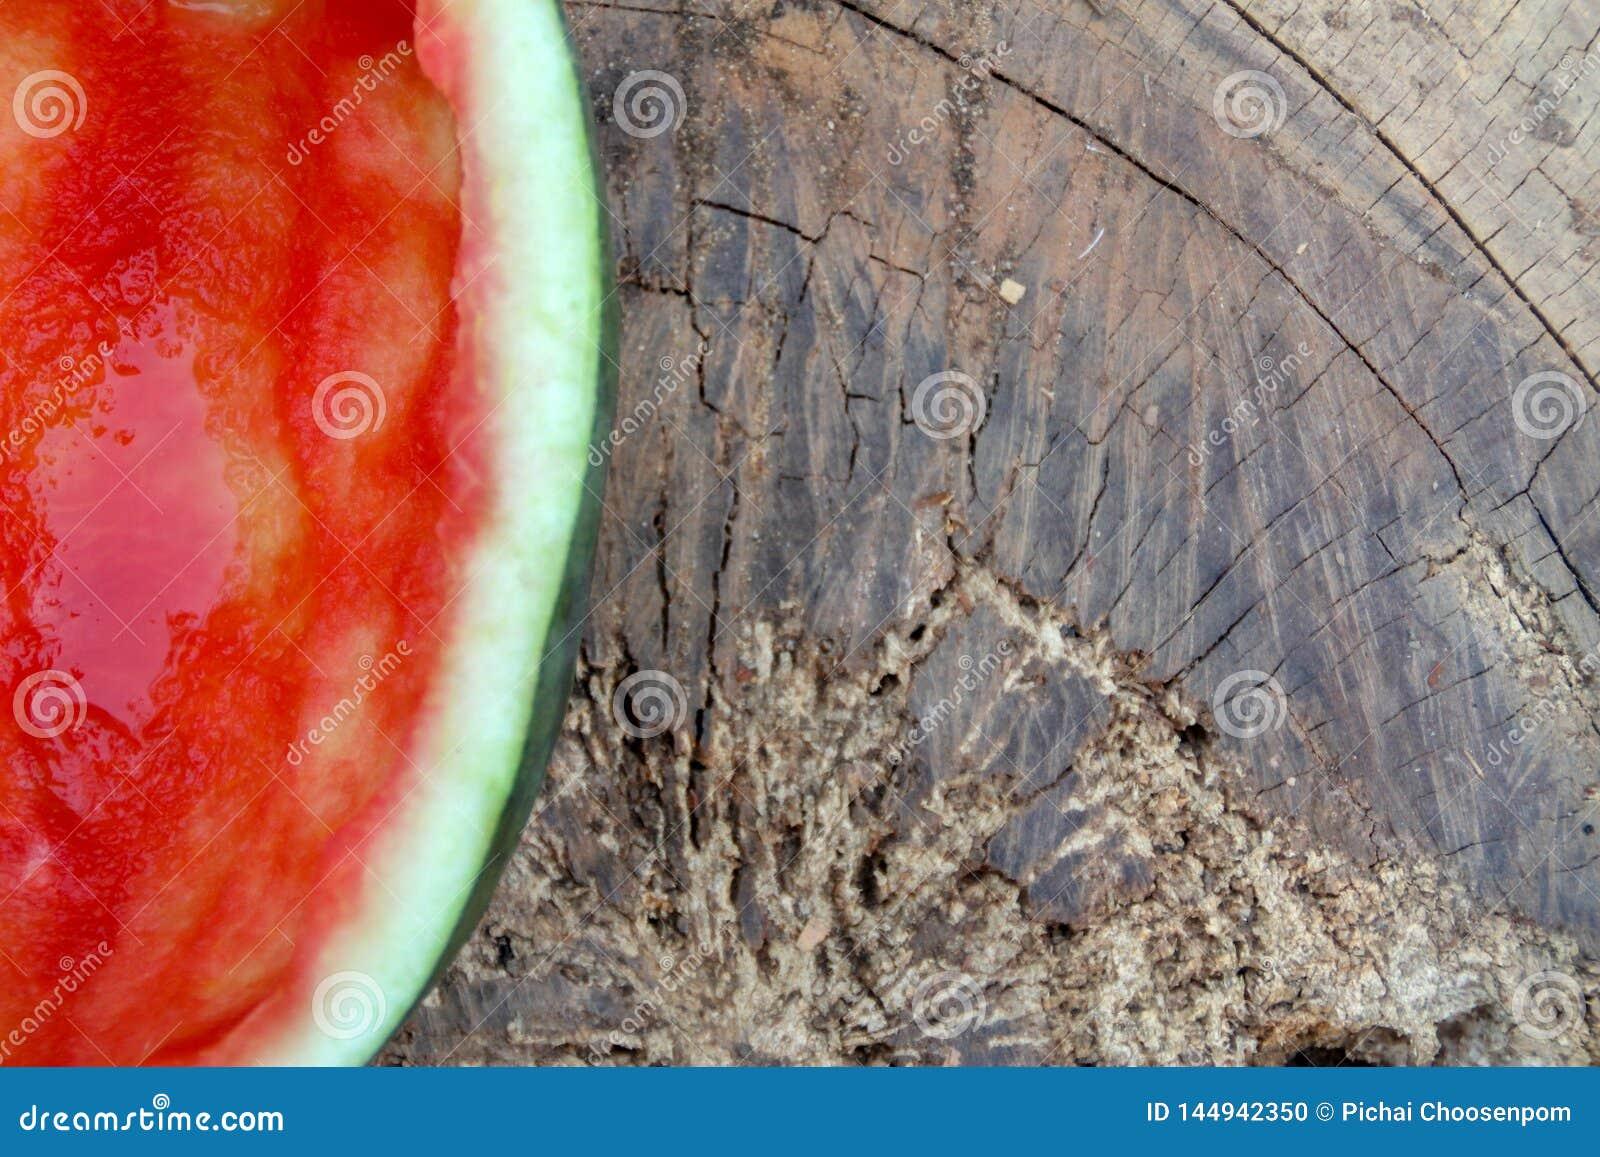 De helft van de rode watermeloen werd gegeten